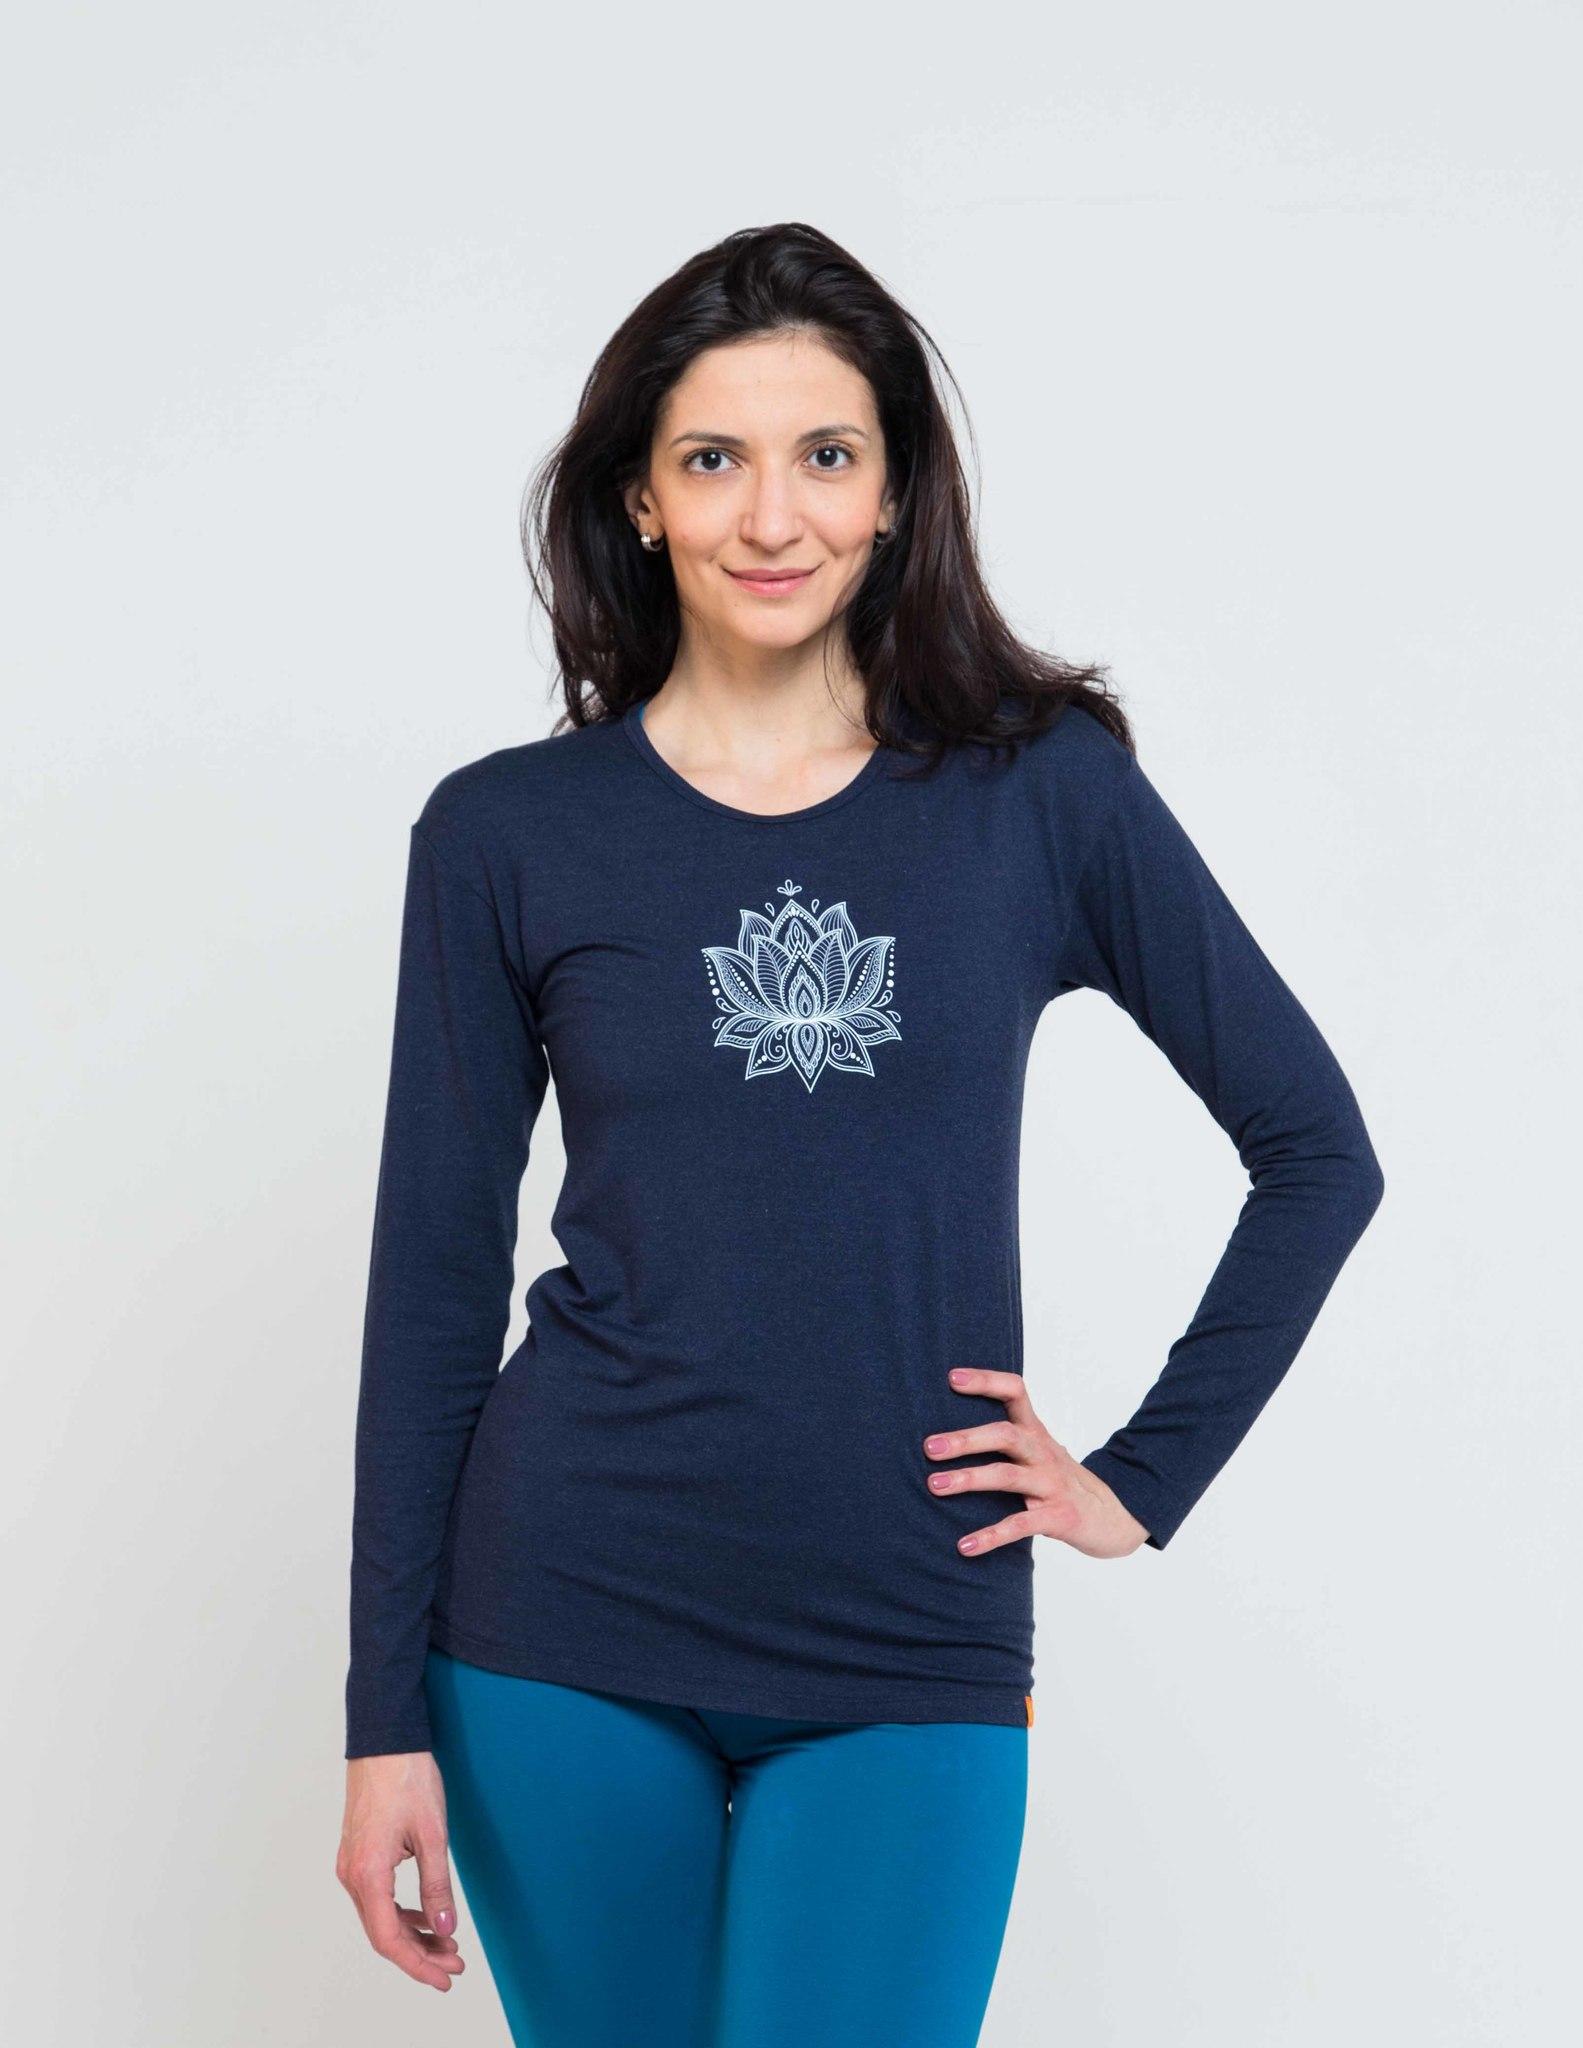 Футболка женская Лотос с длинным рукавом YogaDress (0.2 кг, S (44), синий) 2015 m l xl xxl